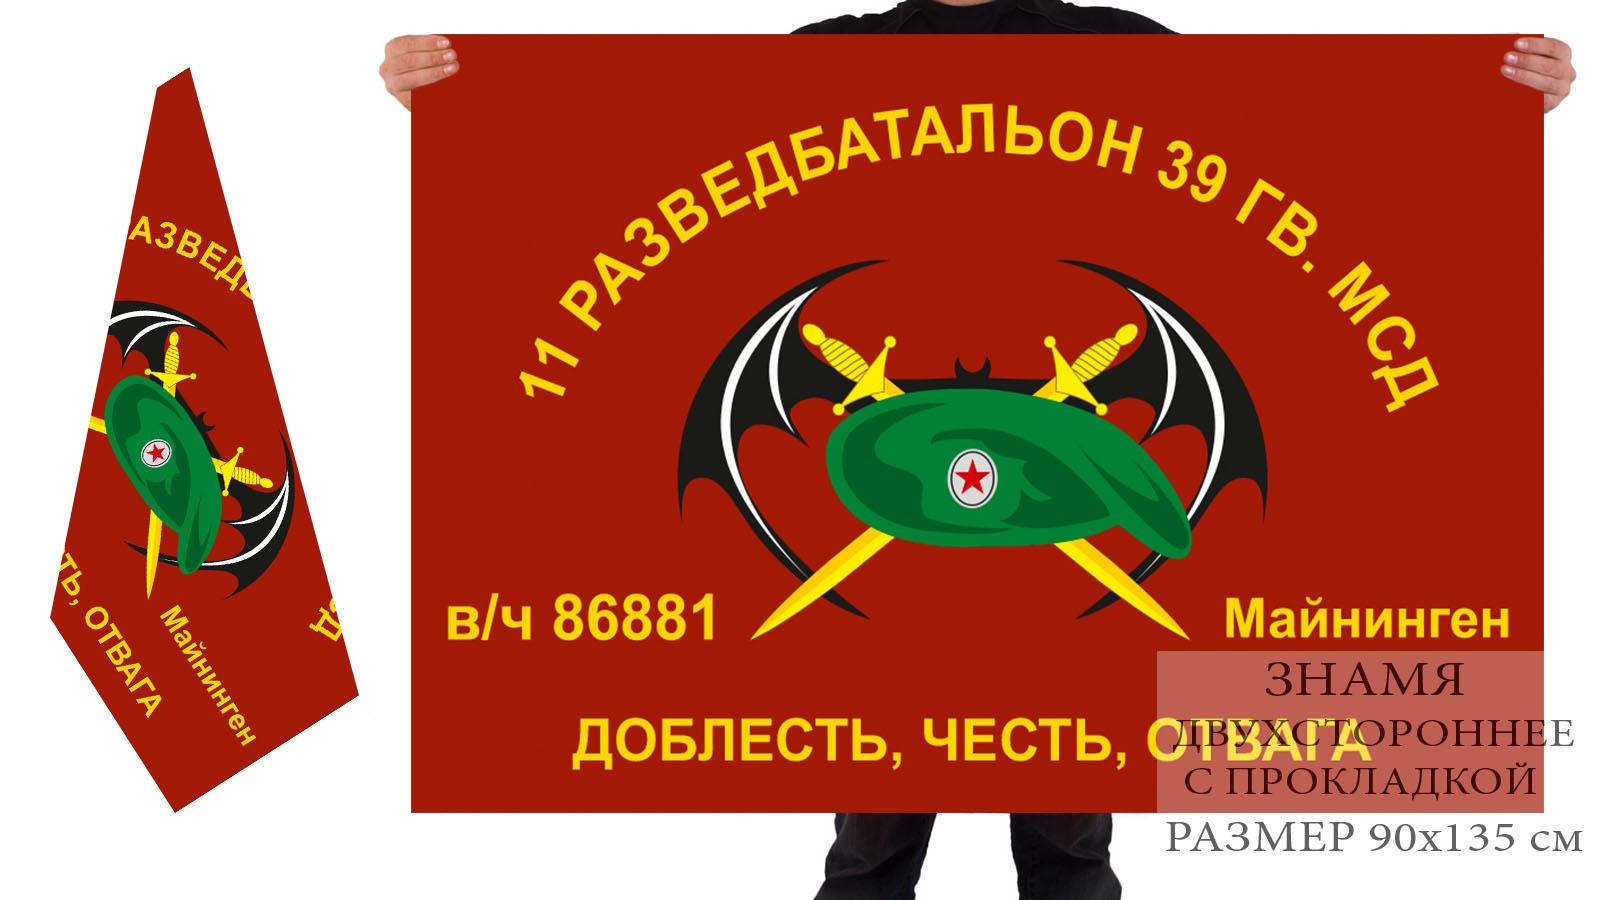 Двусторонний флаг 11 ОРБ 39-й МСД